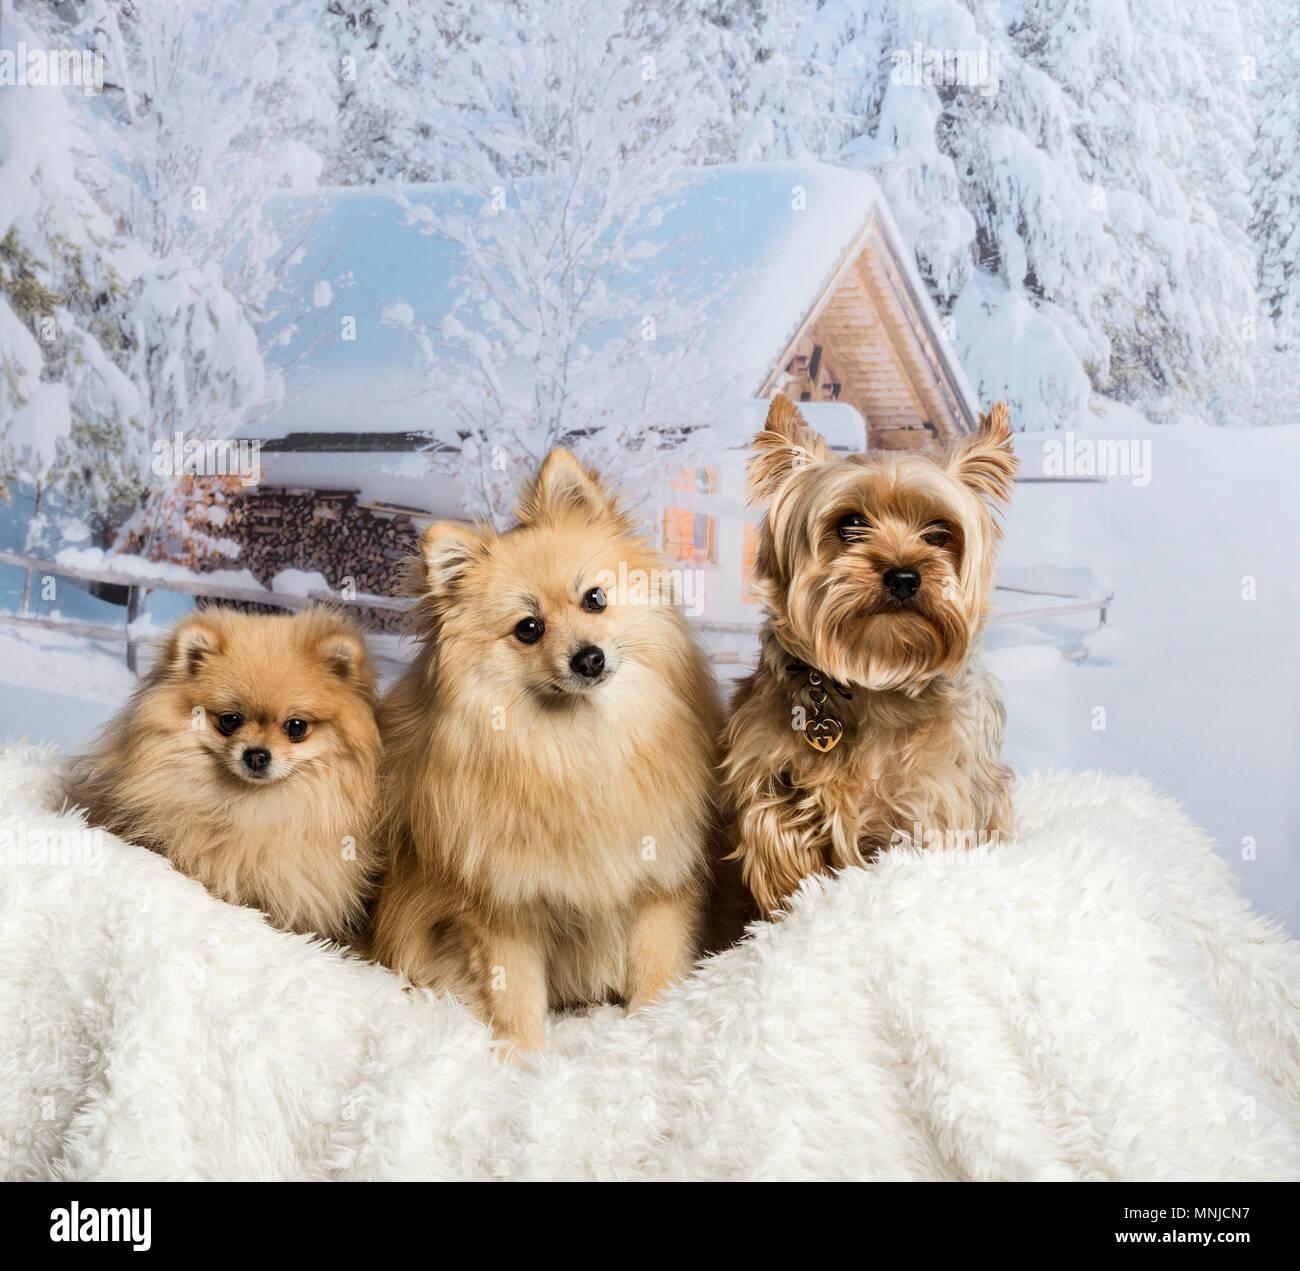 Pomeranian Spitz Und Yorkshire Terrier Sitzen Zusammen Im Winter